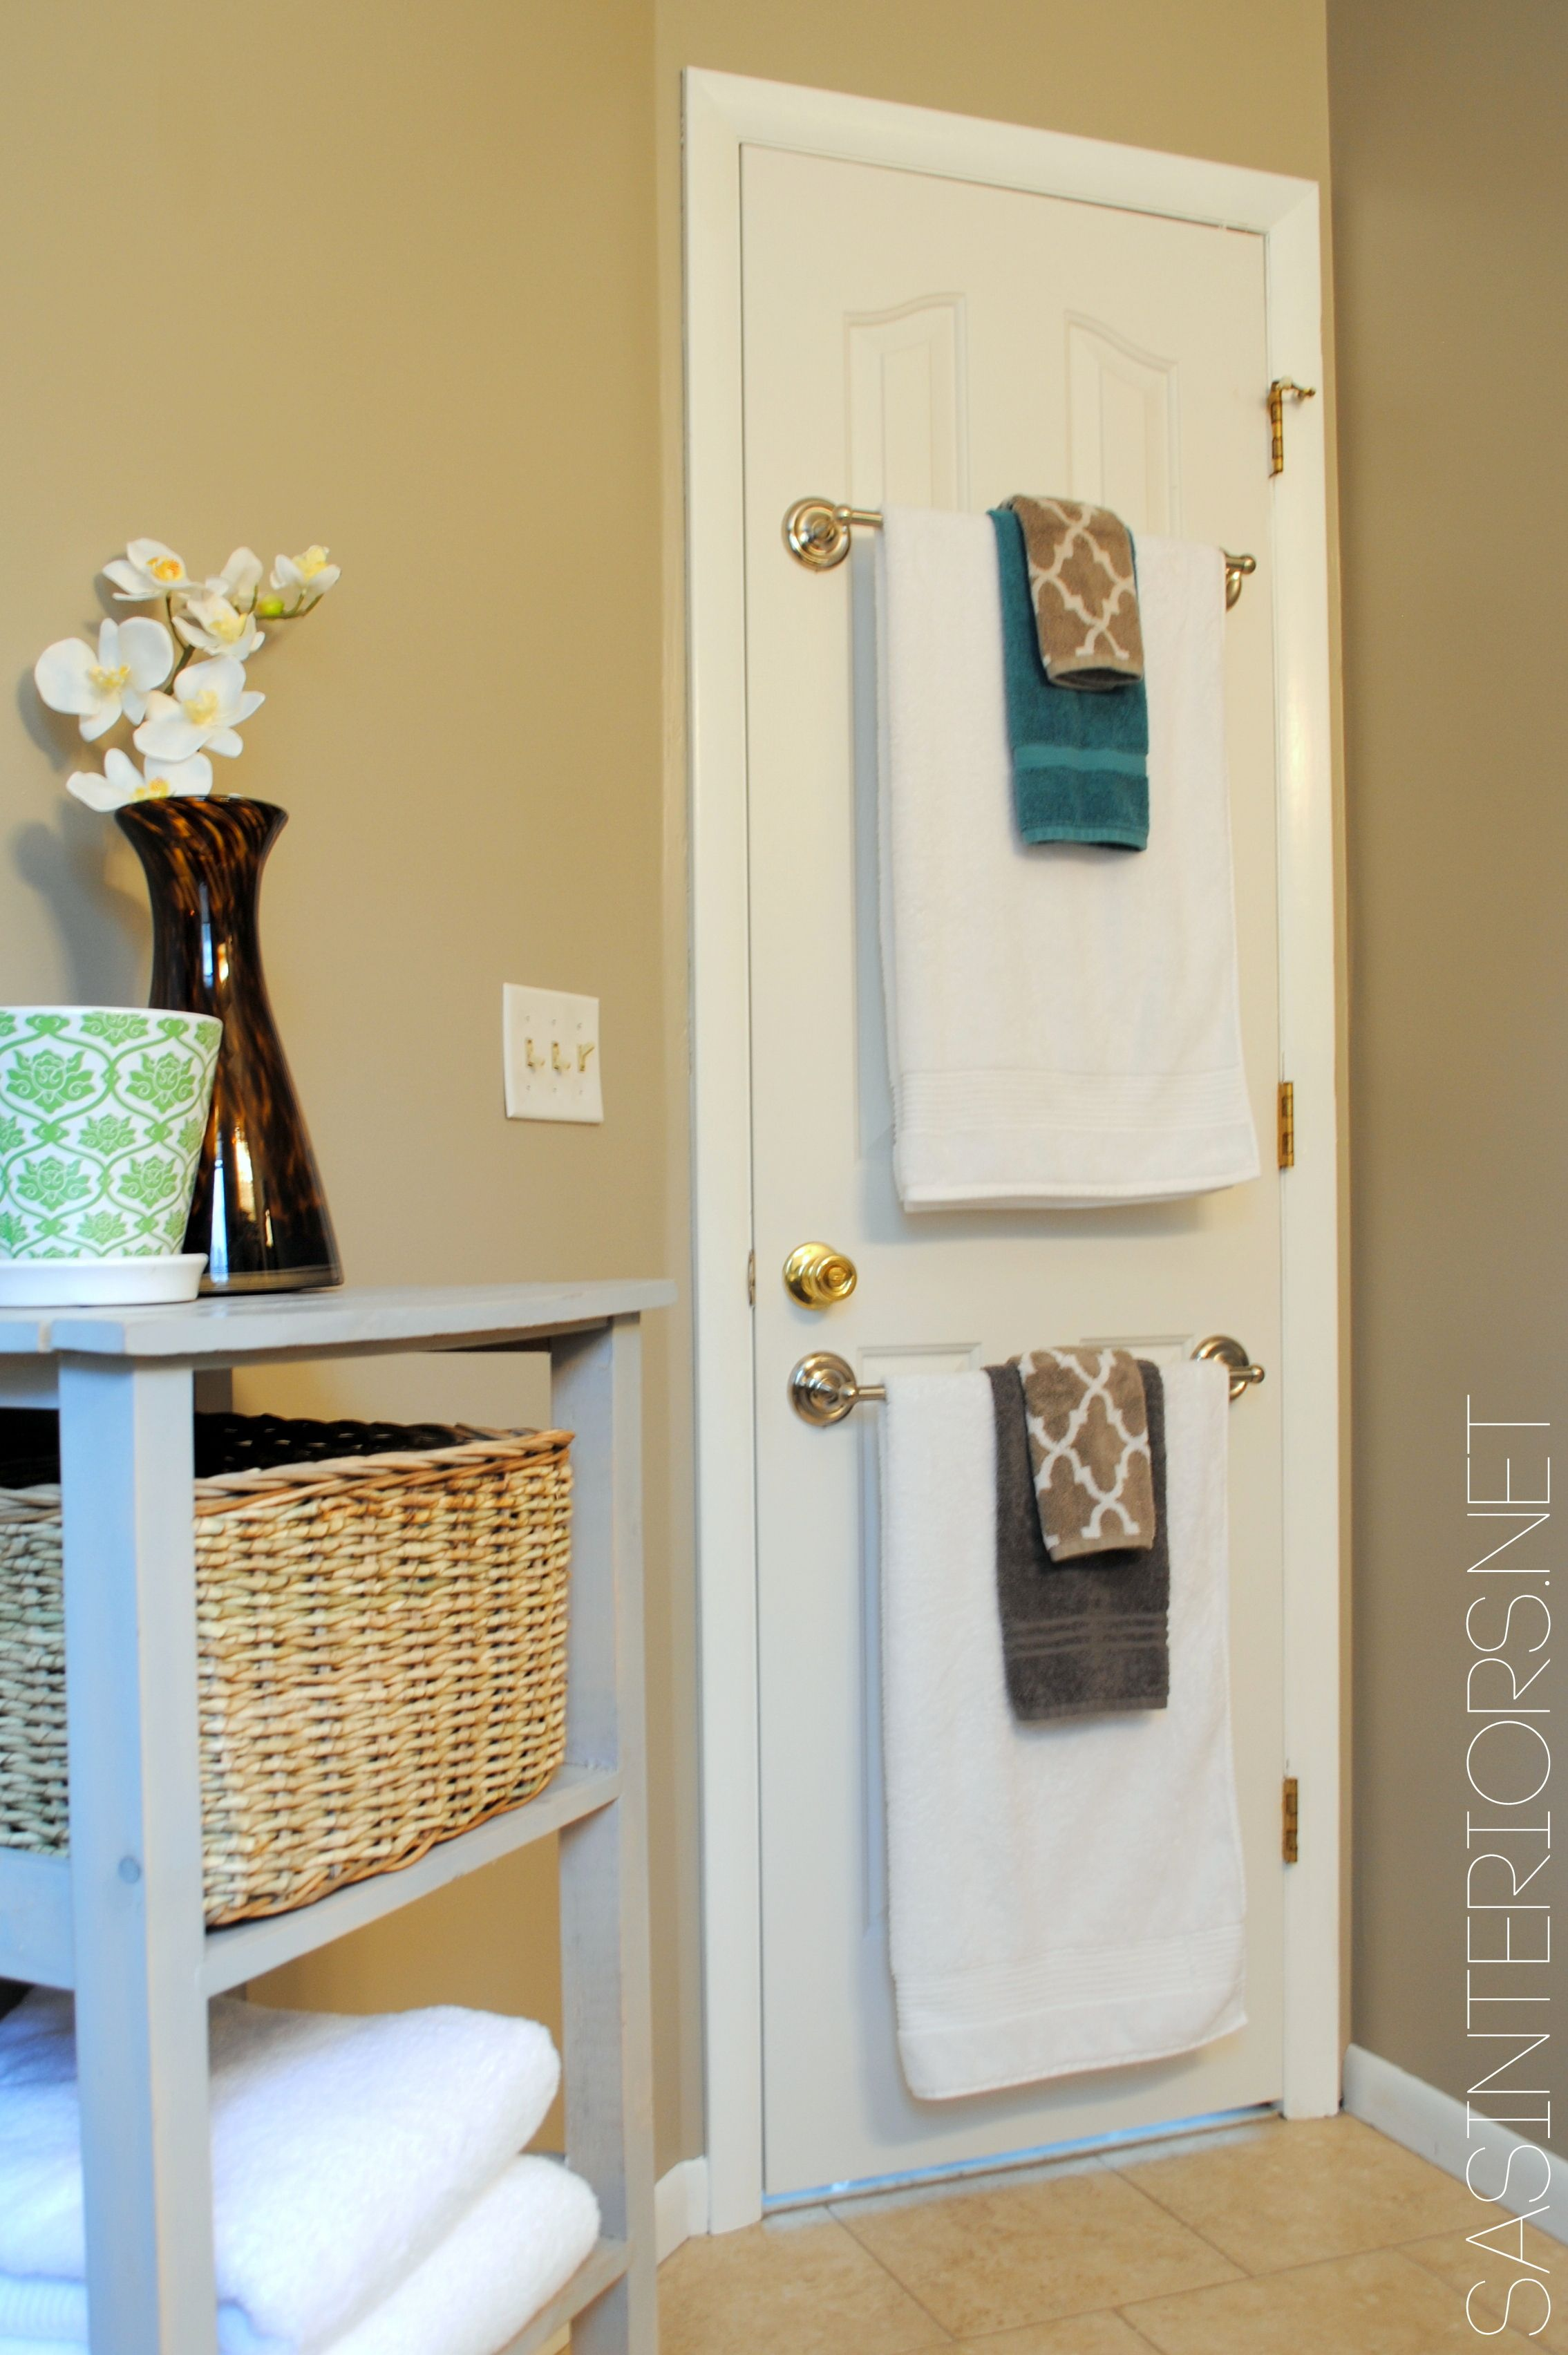 Kleines badezimmer dekor diy best home decor ideas diy projects and gardening  organizing